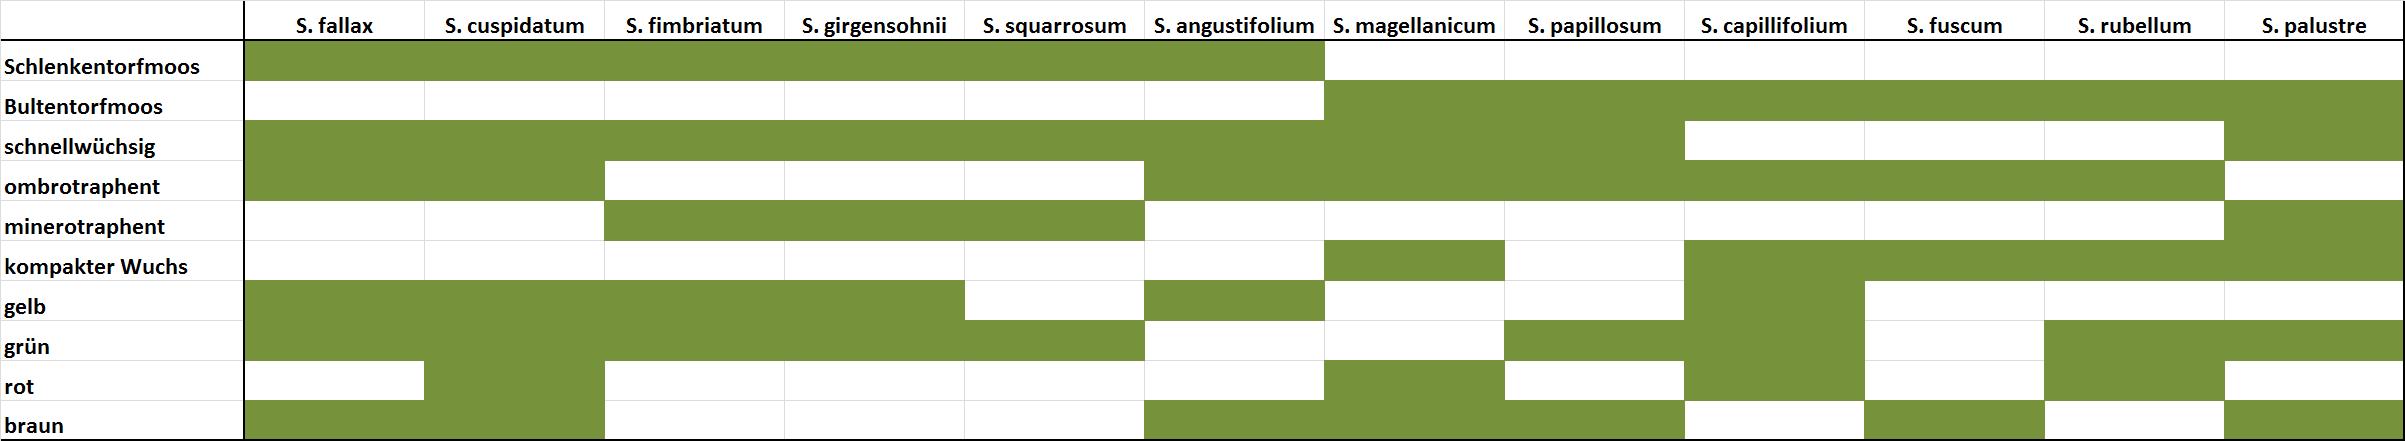 uebersicht_sphagnum